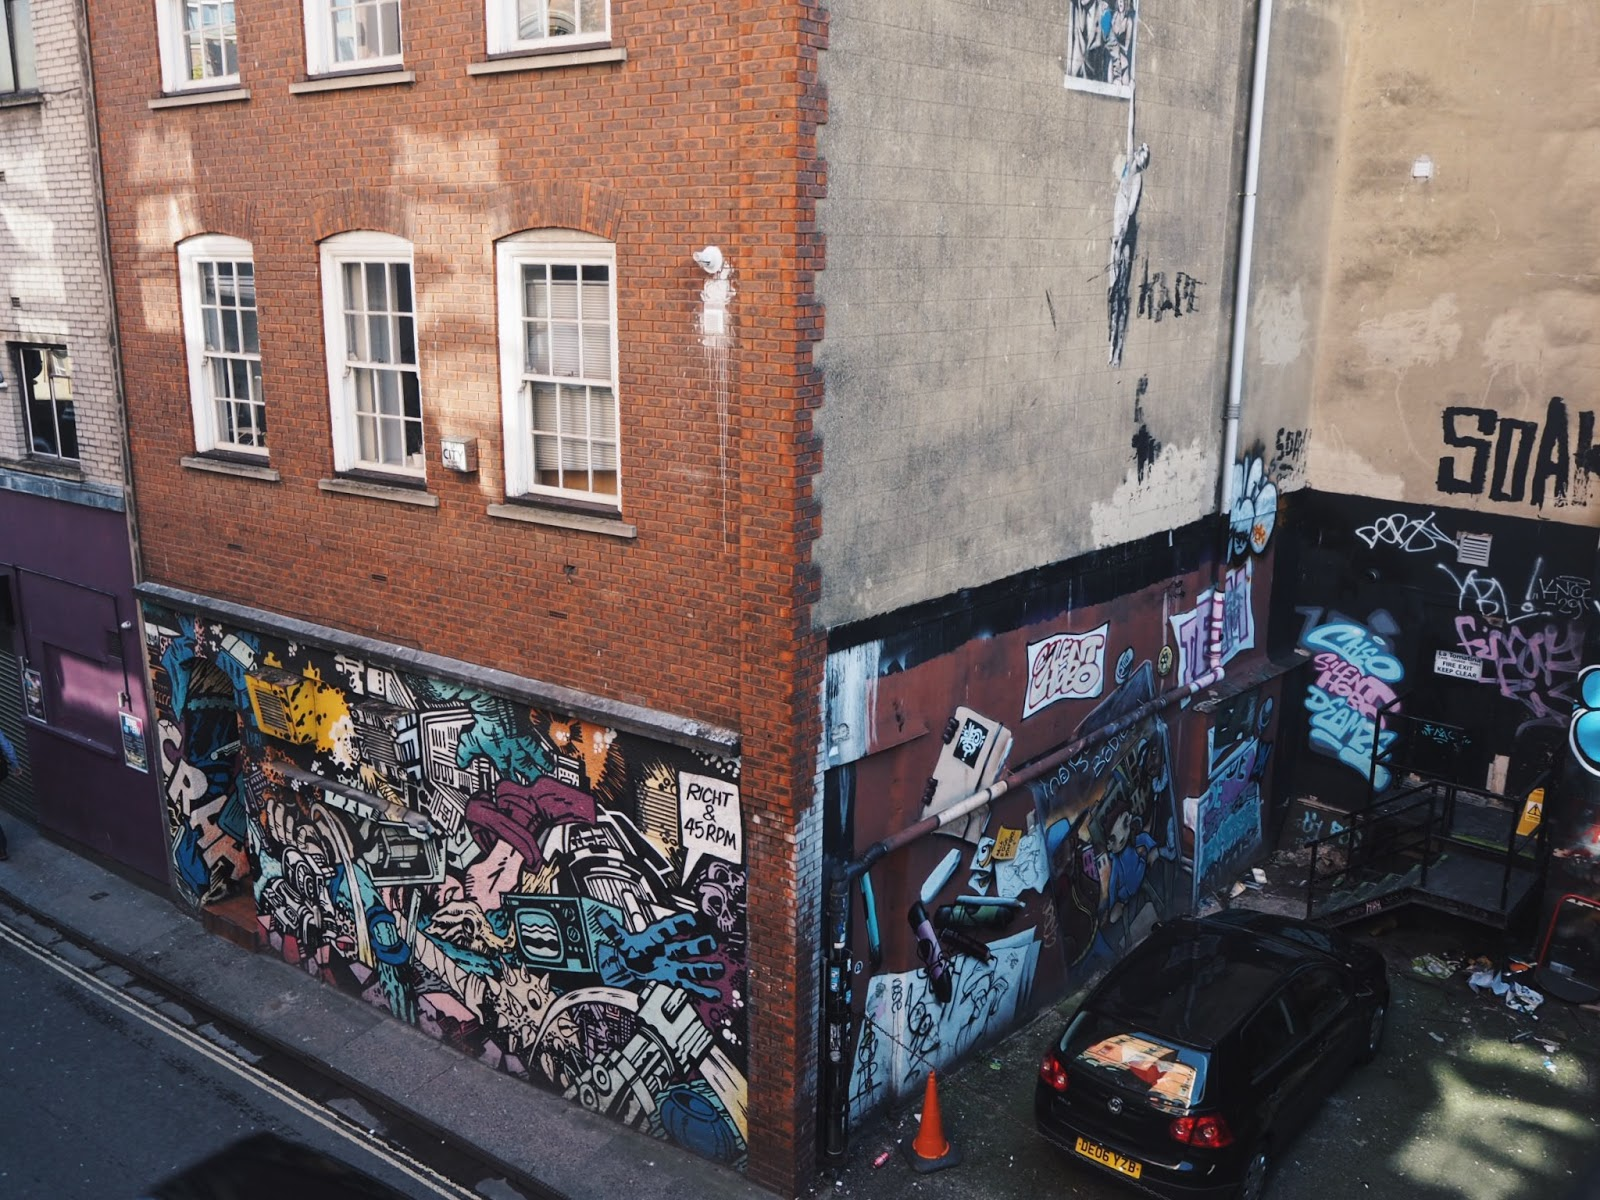 bristol banksy street art graffiti